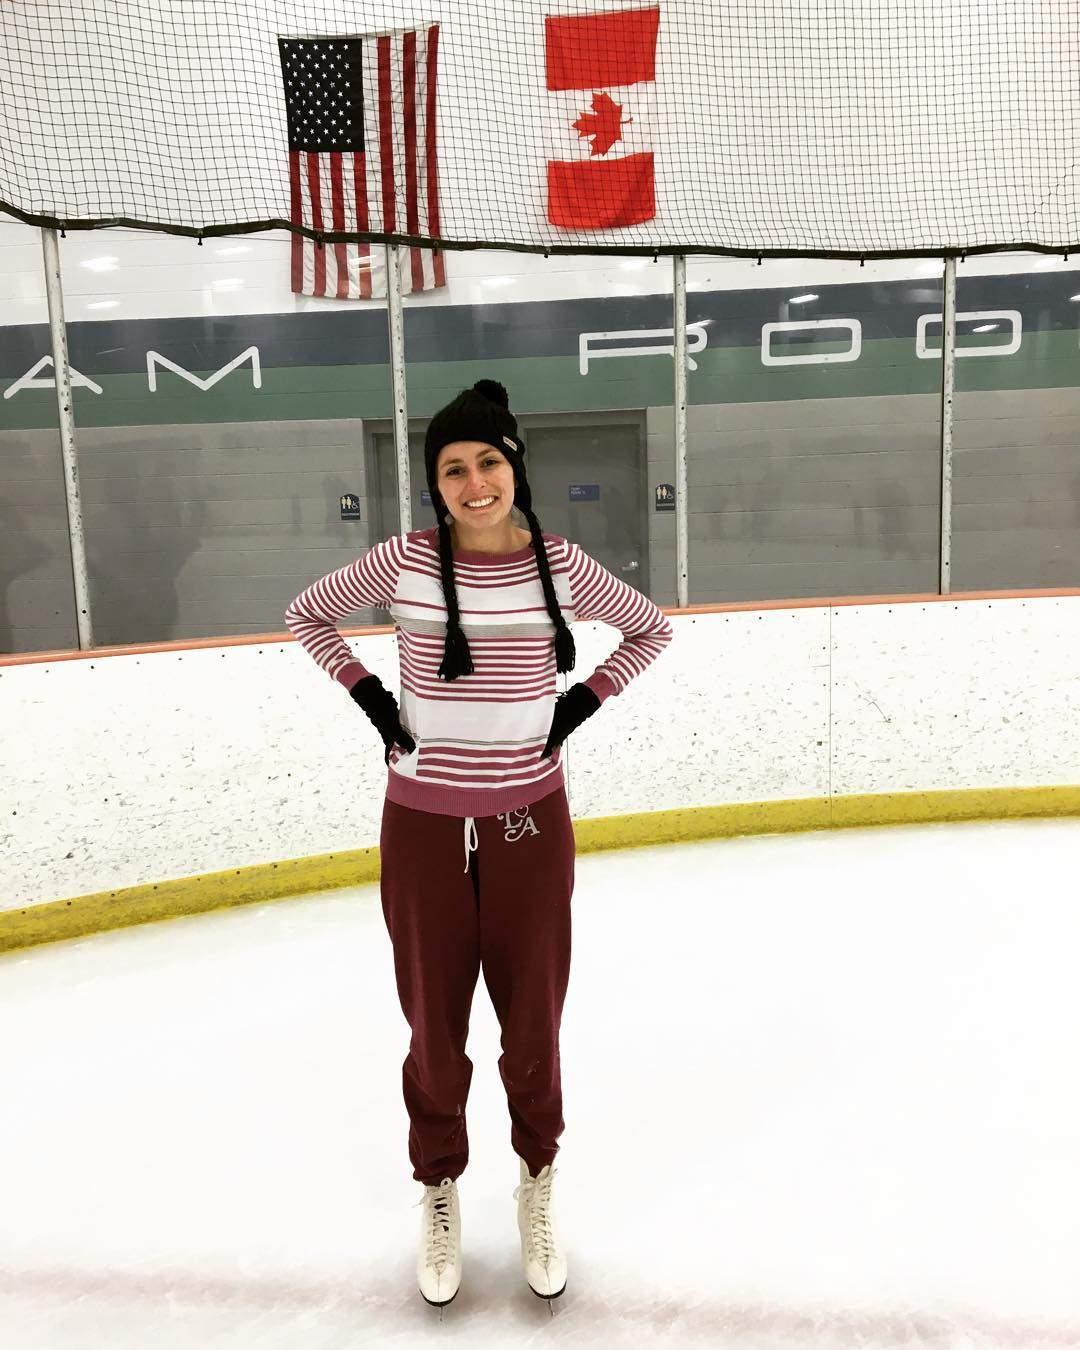 Ice skate rentals fargo nd